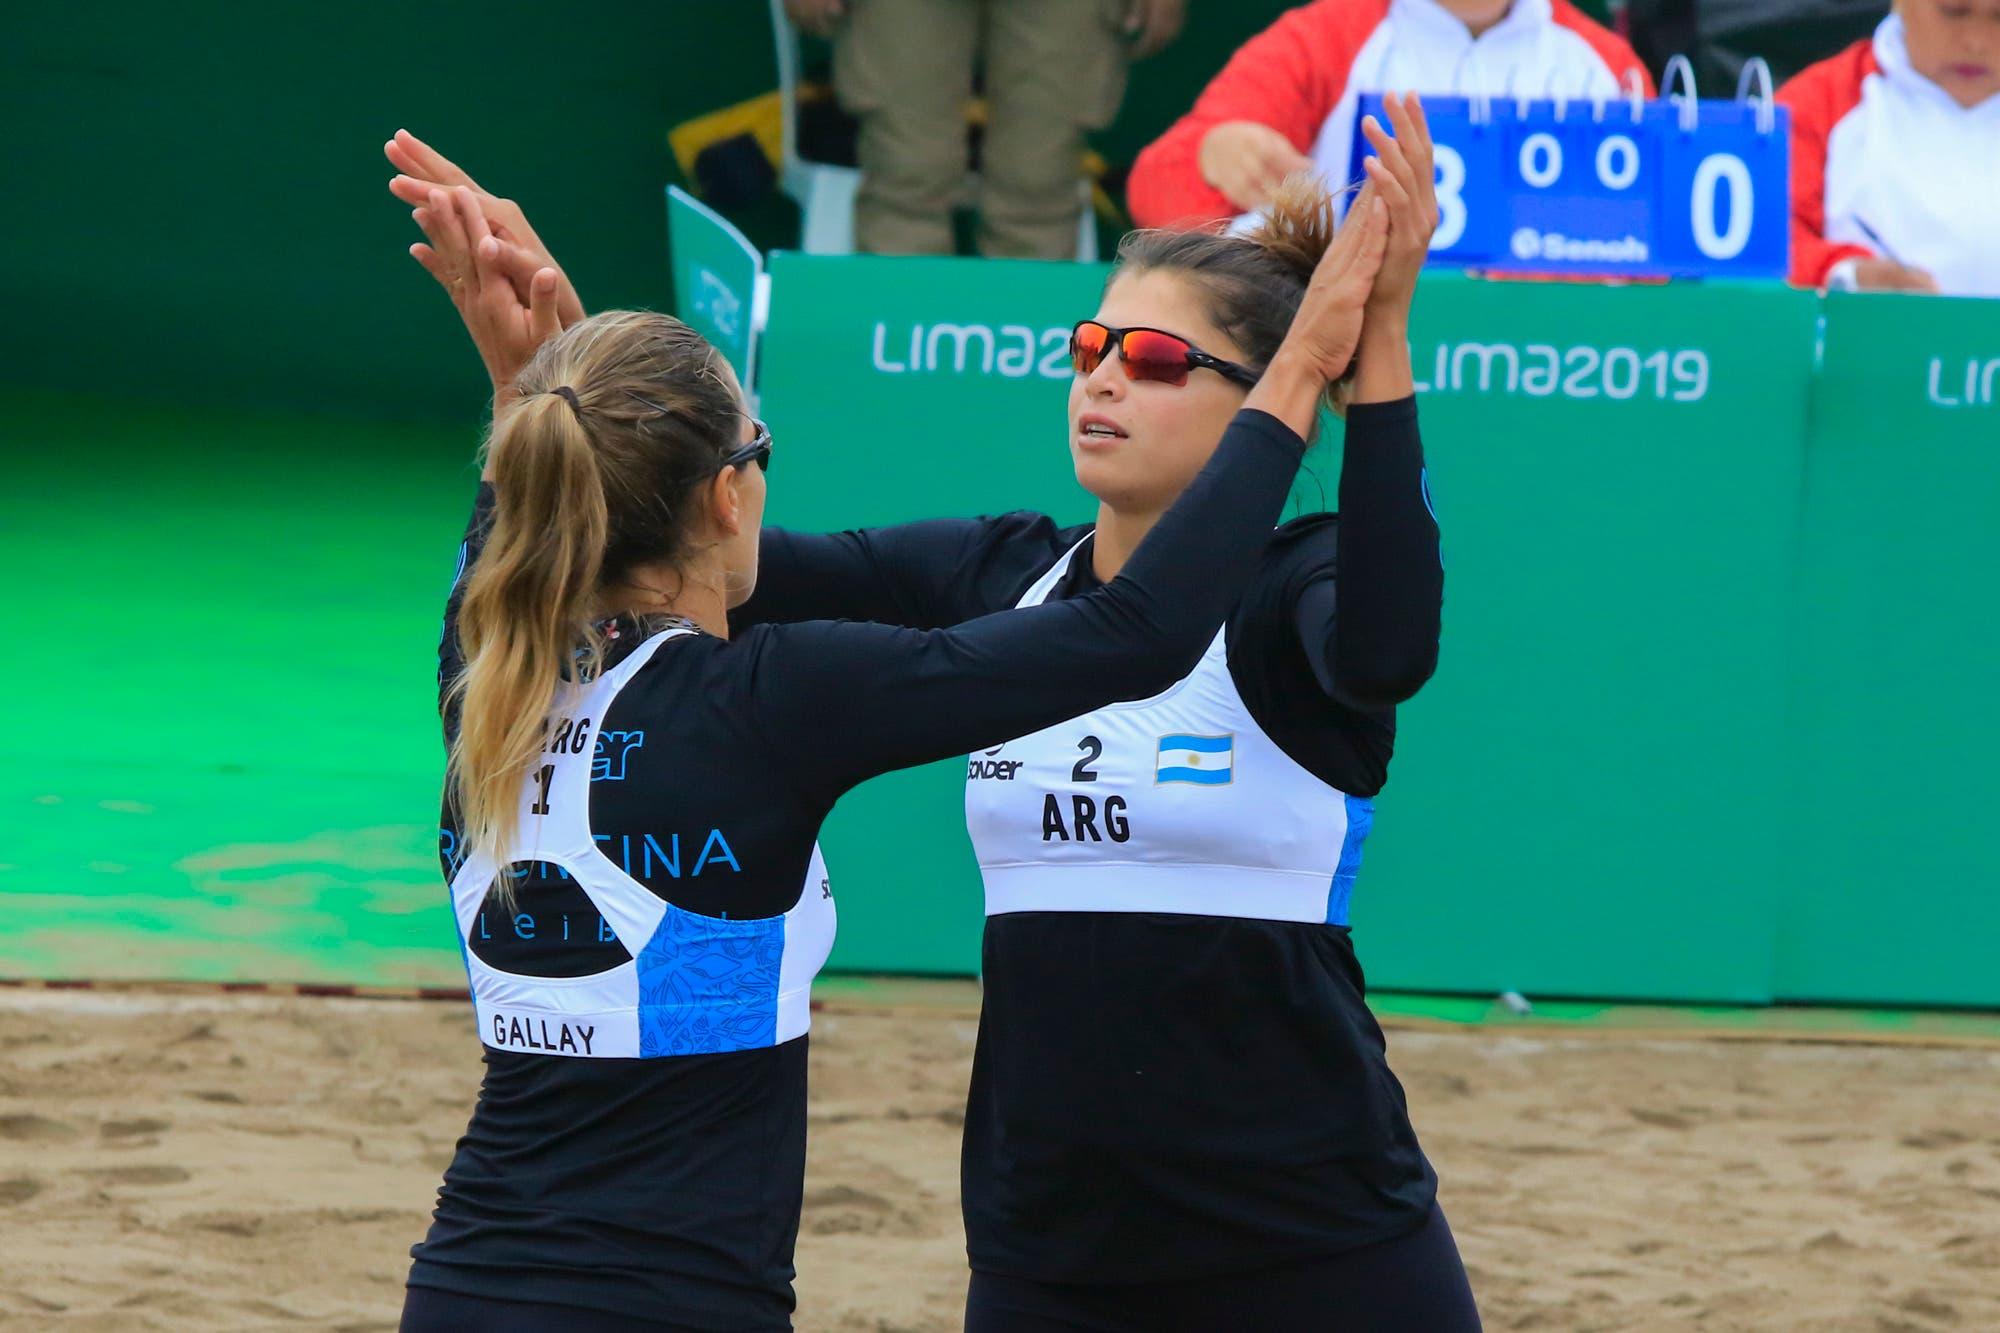 Juegos Panamericanos Lima 2019. La nueva dupla de guerreras de la arena que defiende el oro en Beach voley